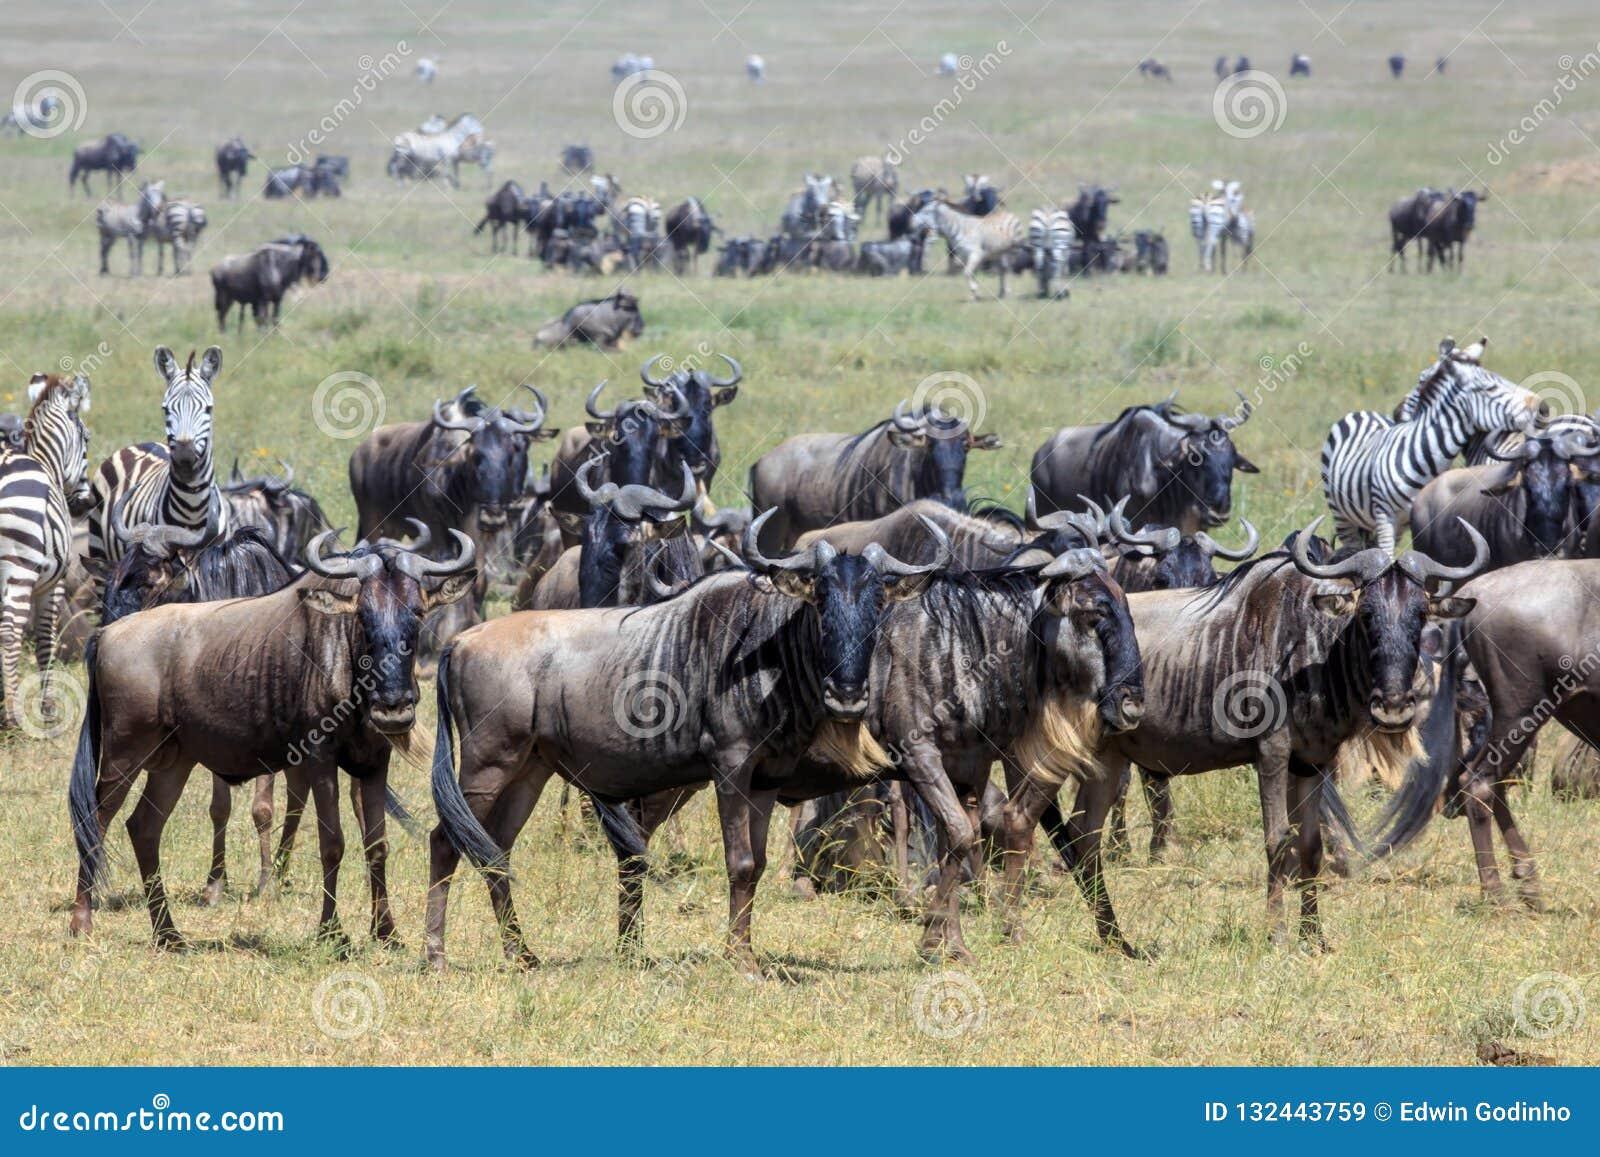 Gnu und Zebras im Serengeti während der großen Migration